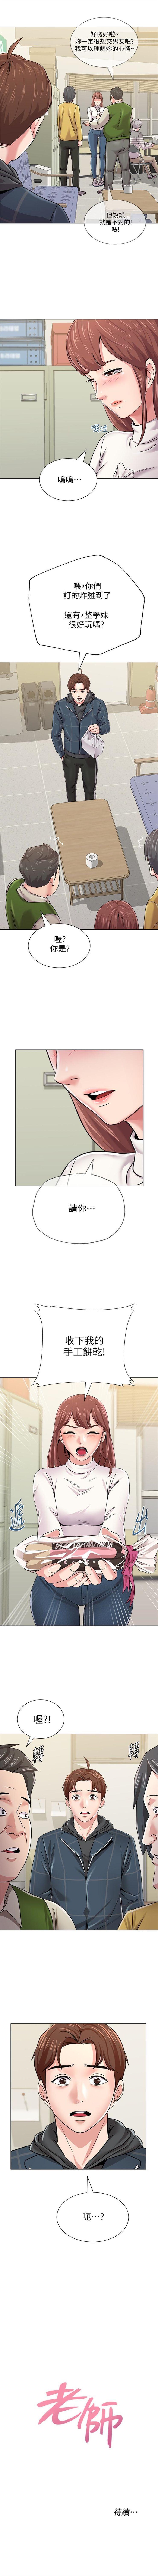 (周3)老师 1-56 中文翻译(更新中) 305